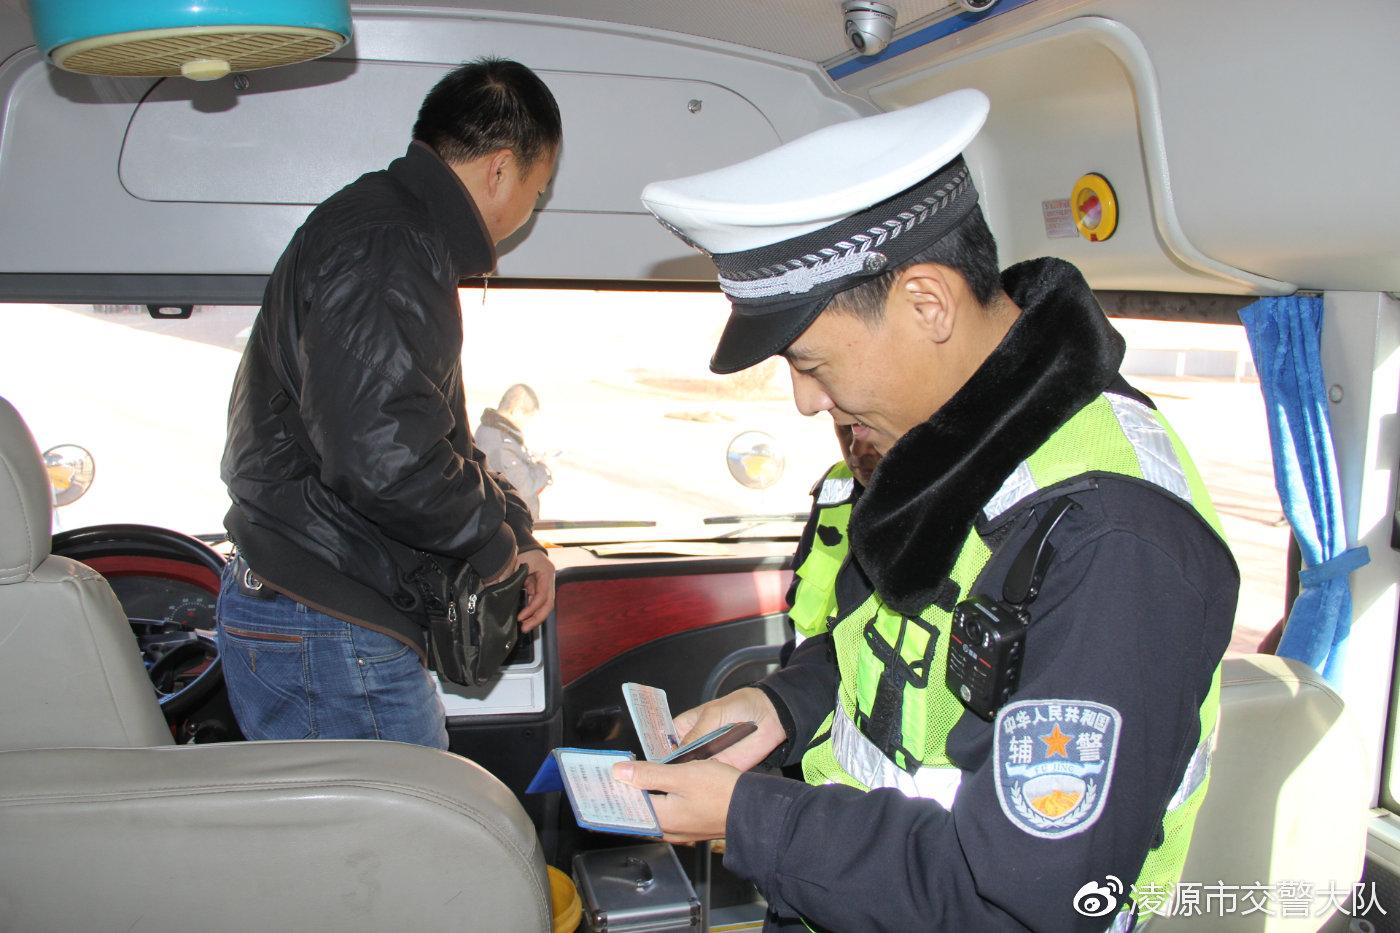 辖区中队警辅人员检查驾驶人资质